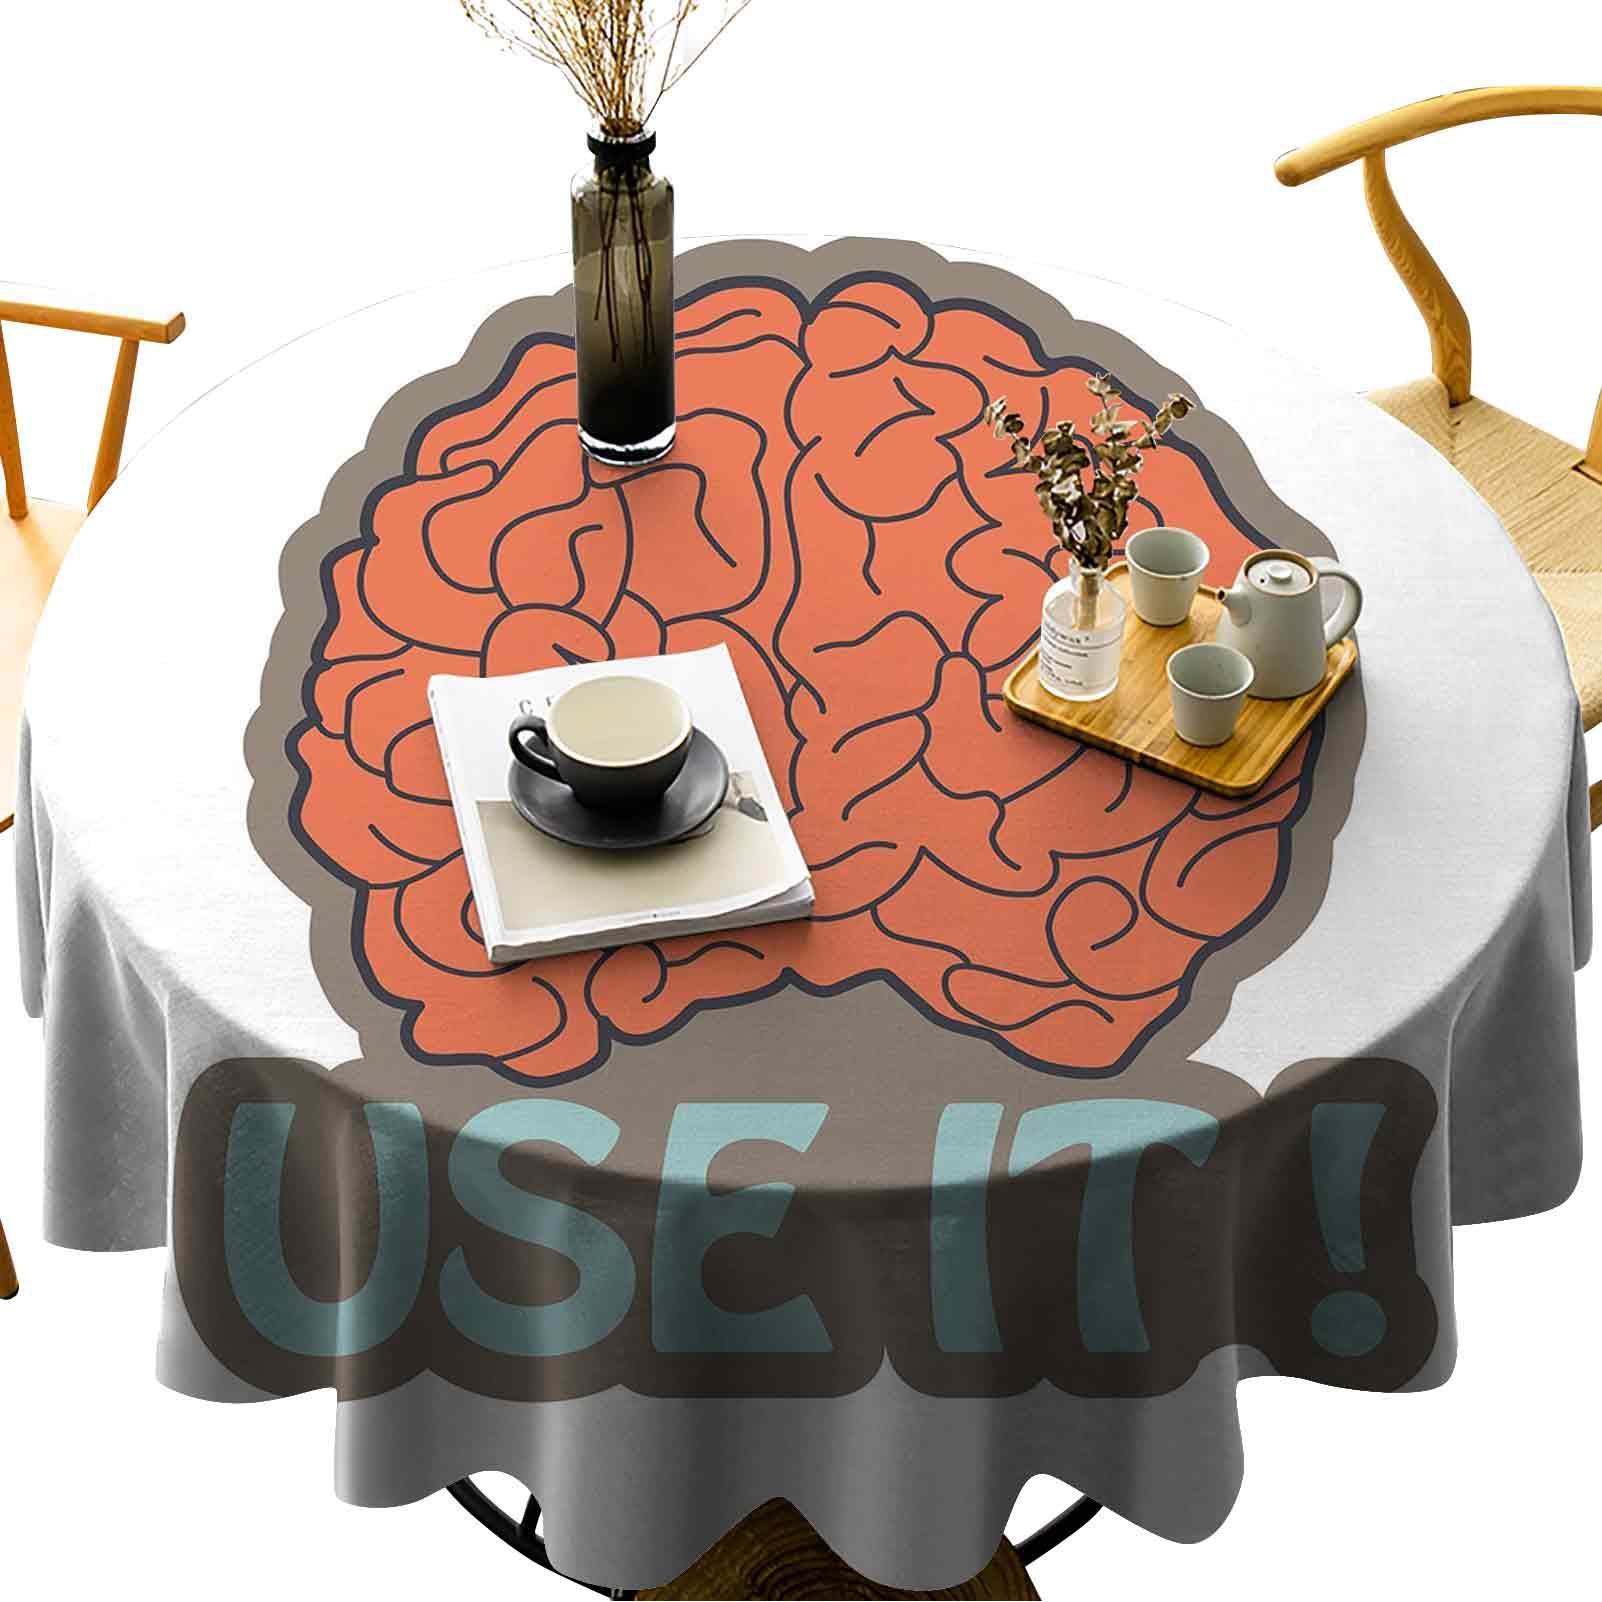 Runde Tischdecke Baumwolle Leinenstaubschutz Tischabdeckung Habe Hirnverwasung Verwenden Sie es abstrakte menschliche Intelligenz Anatomie Cerebrum Cortex Graphic